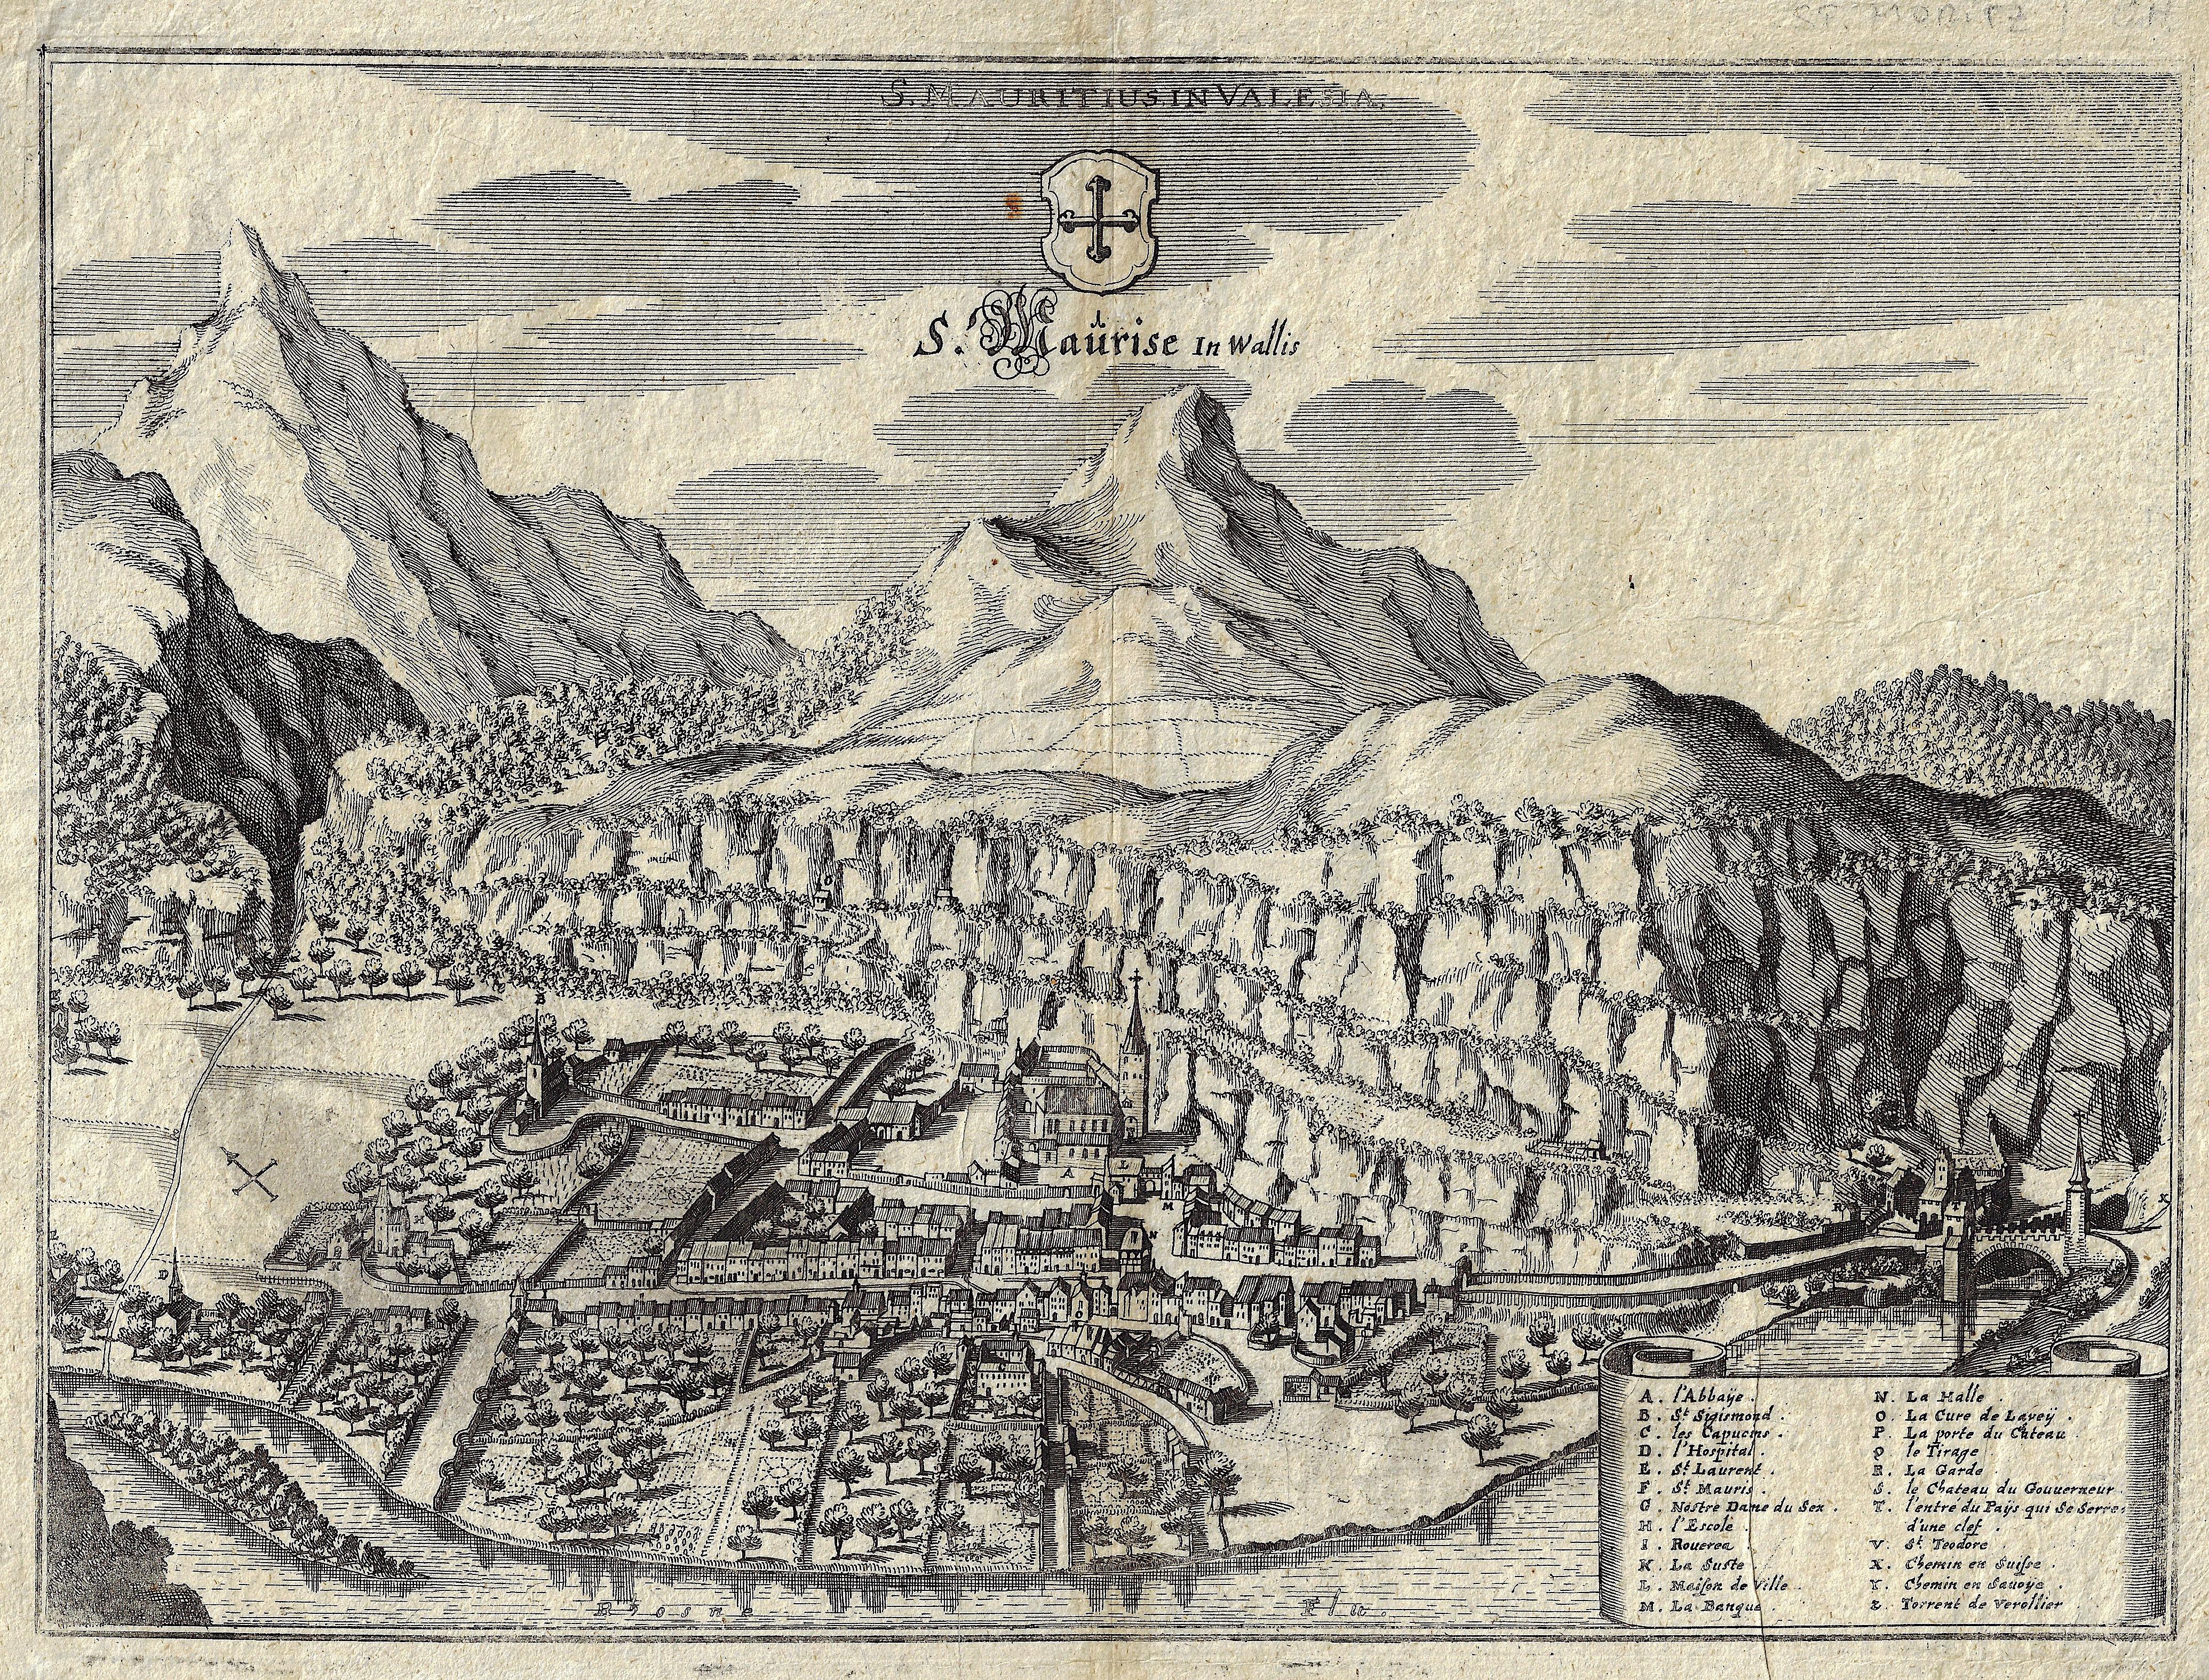 Merian Matthäus S. Maurise in Wallis / S. Mauritius in Valesia.